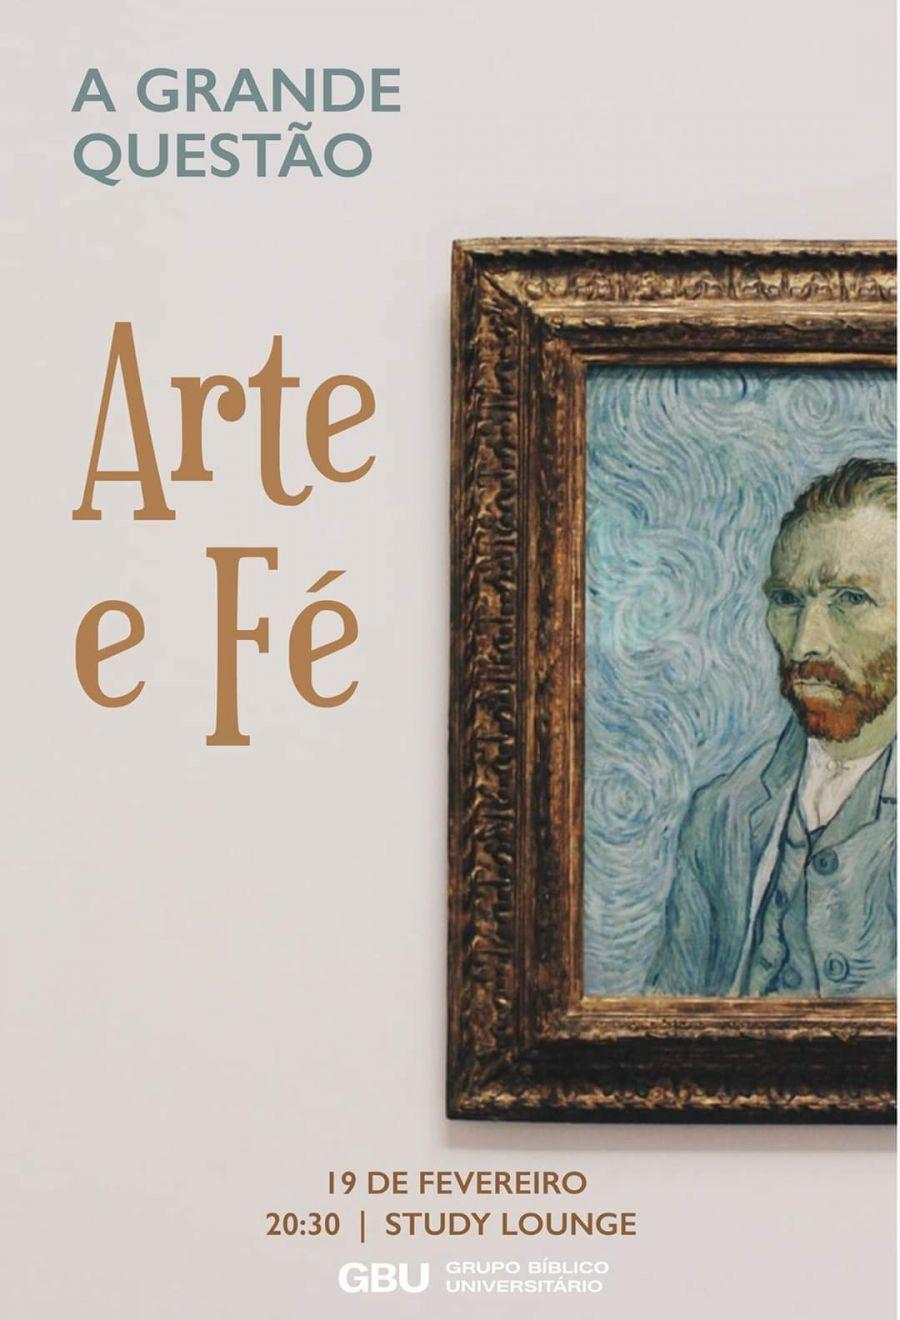 A Grande Questão: Arte e Fé - Plenária